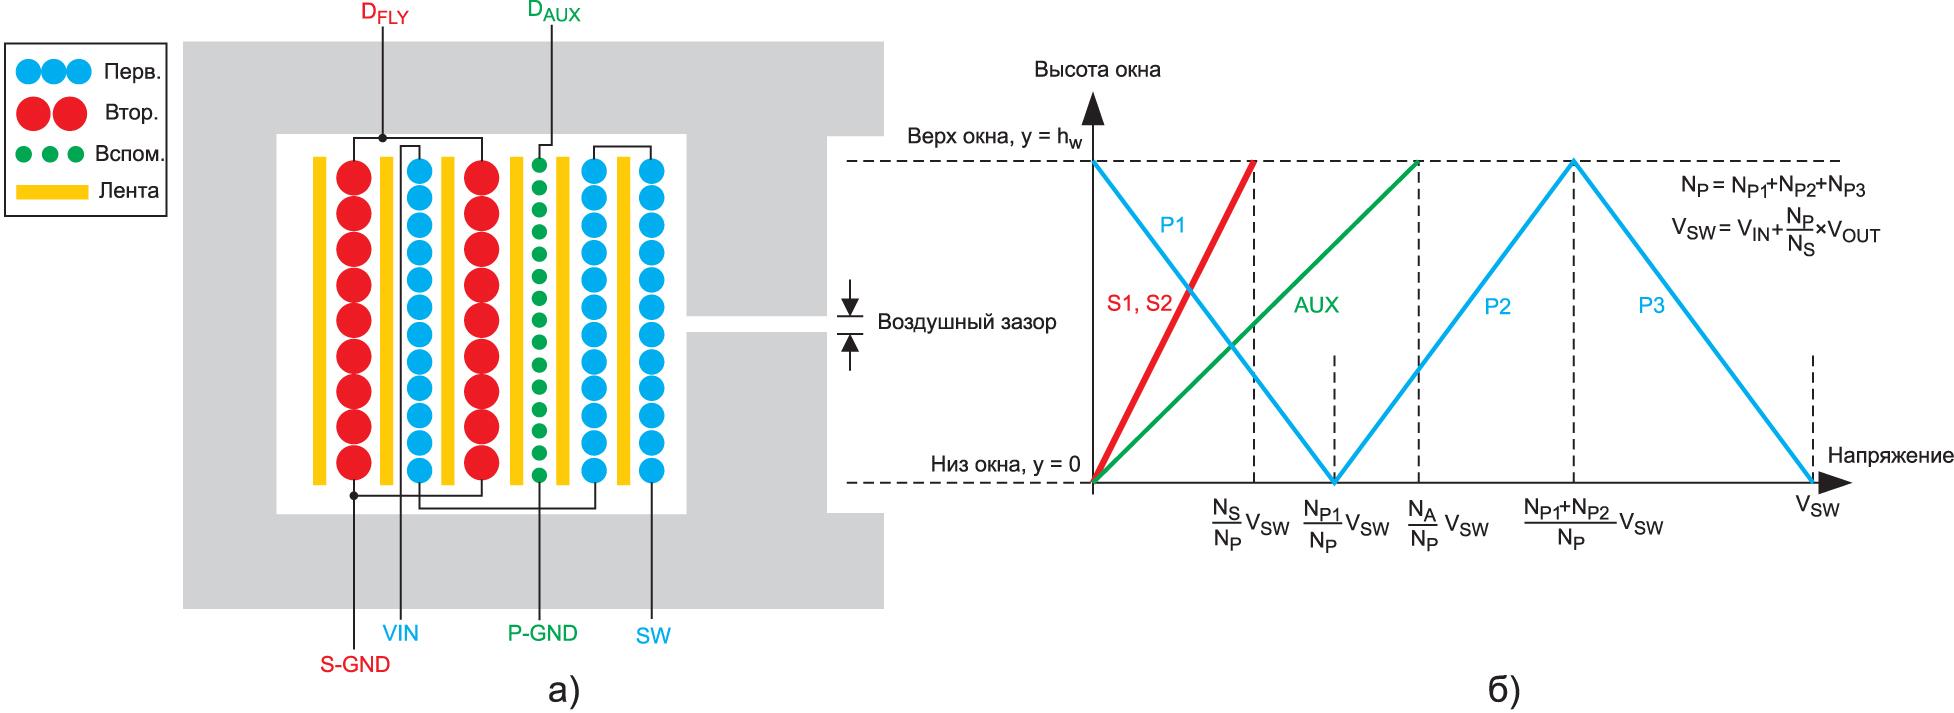 схема чередующейся намотки и распределение напряжения в слоях обмотки